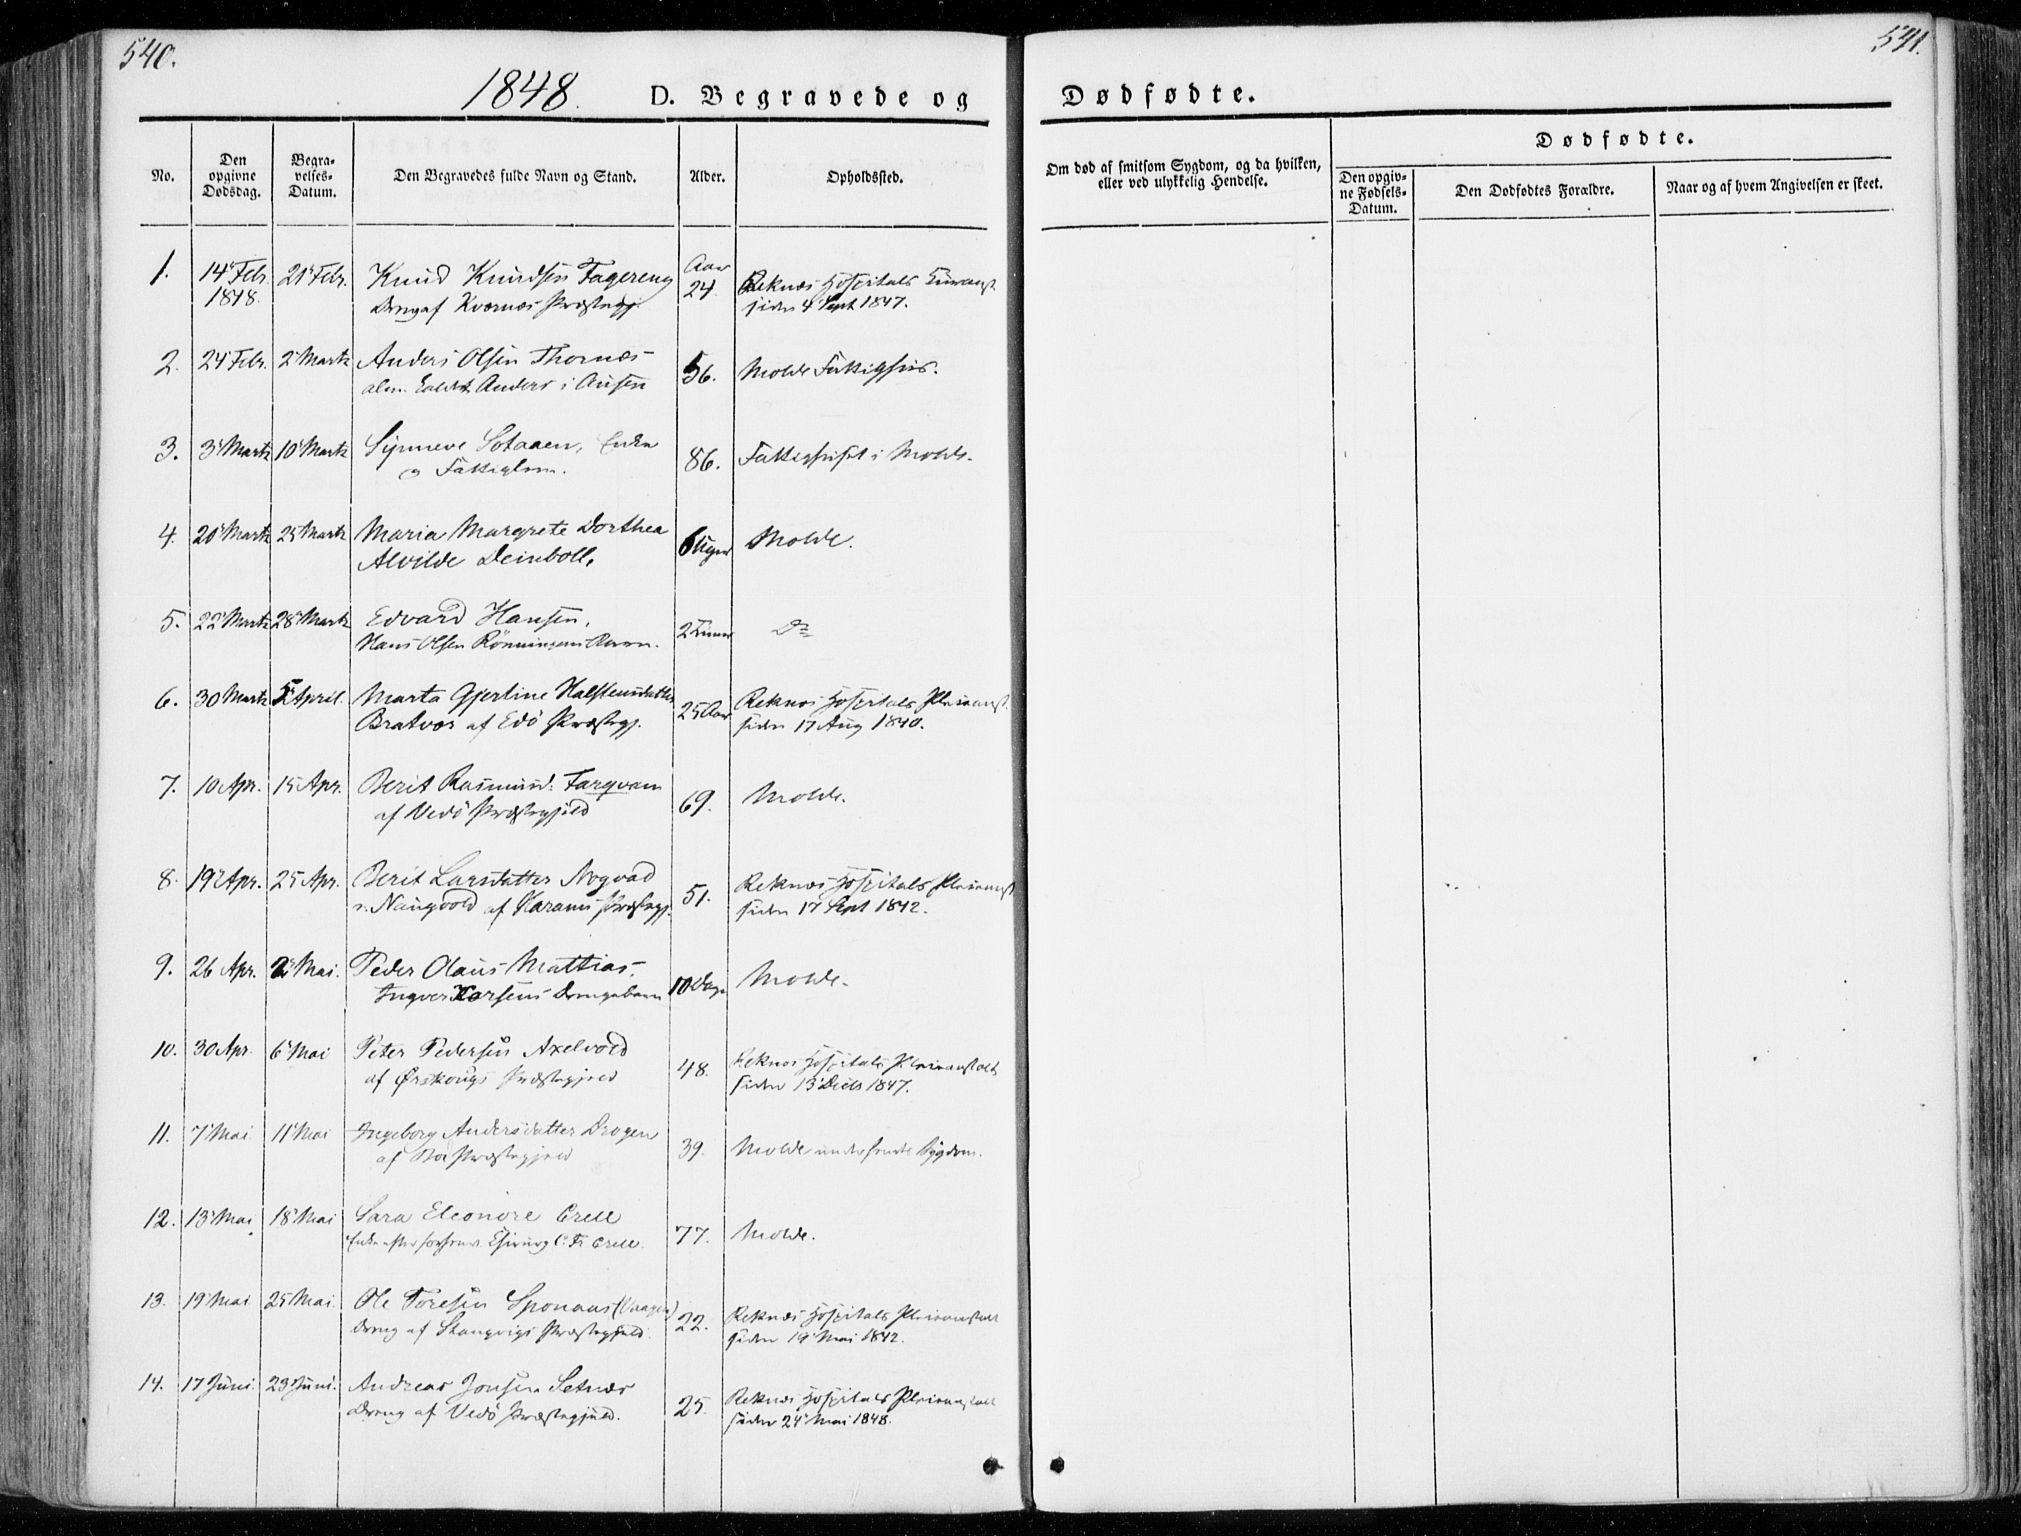 SAT, Ministerialprotokoller, klokkerbøker og fødselsregistre - Møre og Romsdal, 558/L0689: Ministerialbok nr. 558A03, 1843-1872, s. 540-541